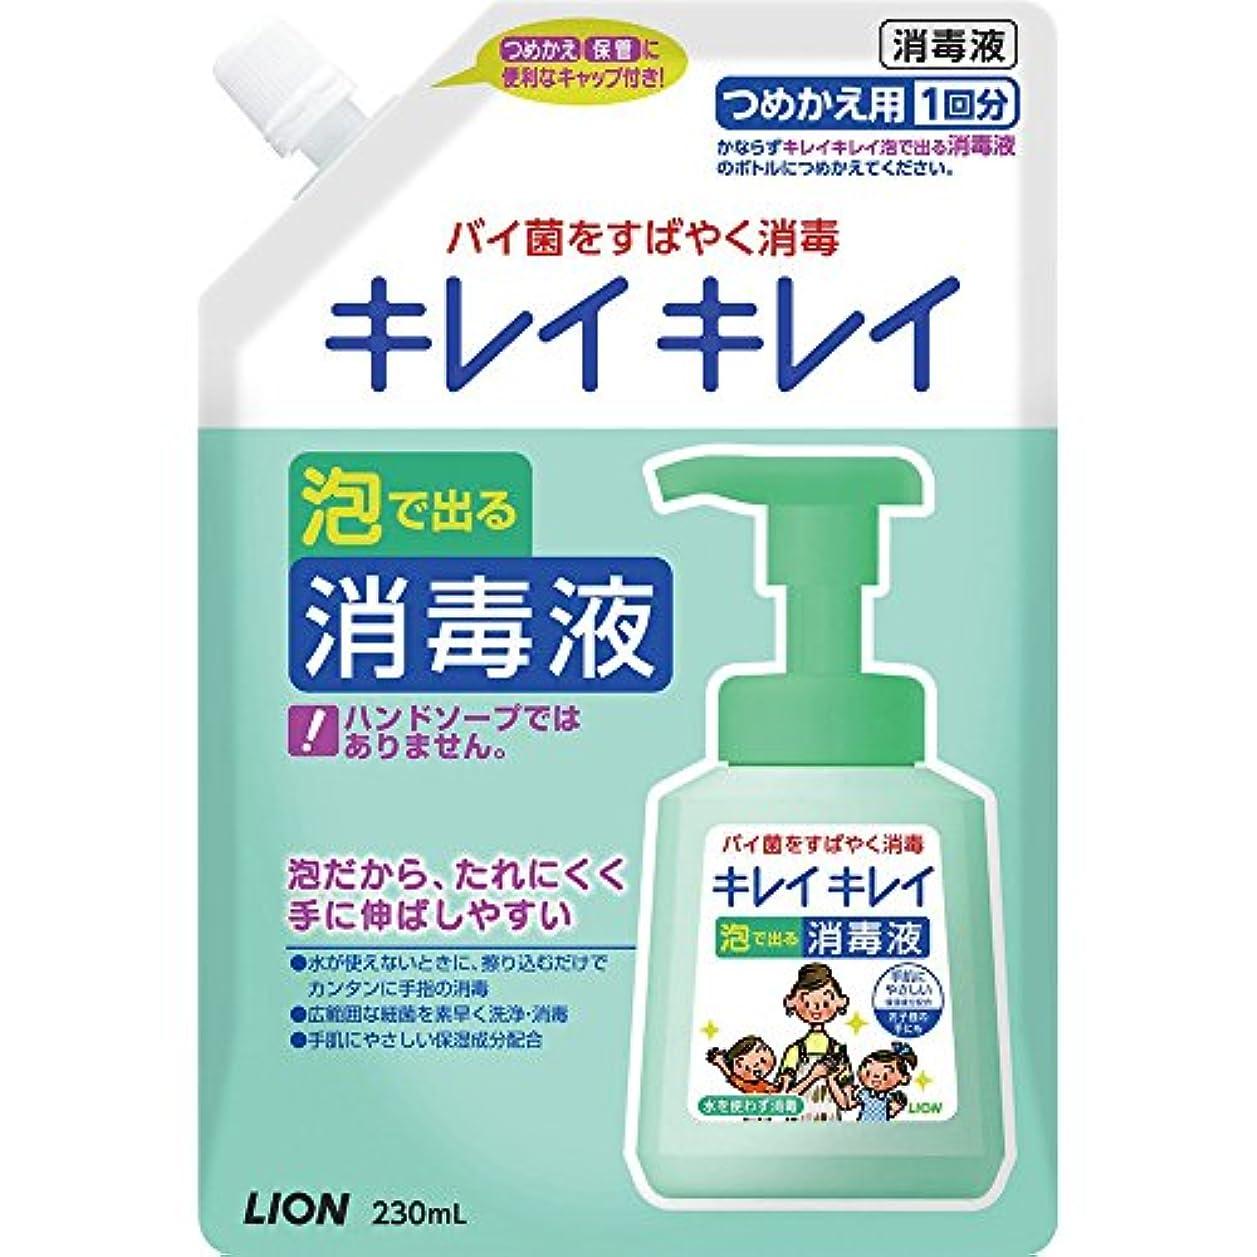 娯楽症状契約キレイキレイ 薬 泡ででる消毒液 詰替 230ml (指定医薬部外品)